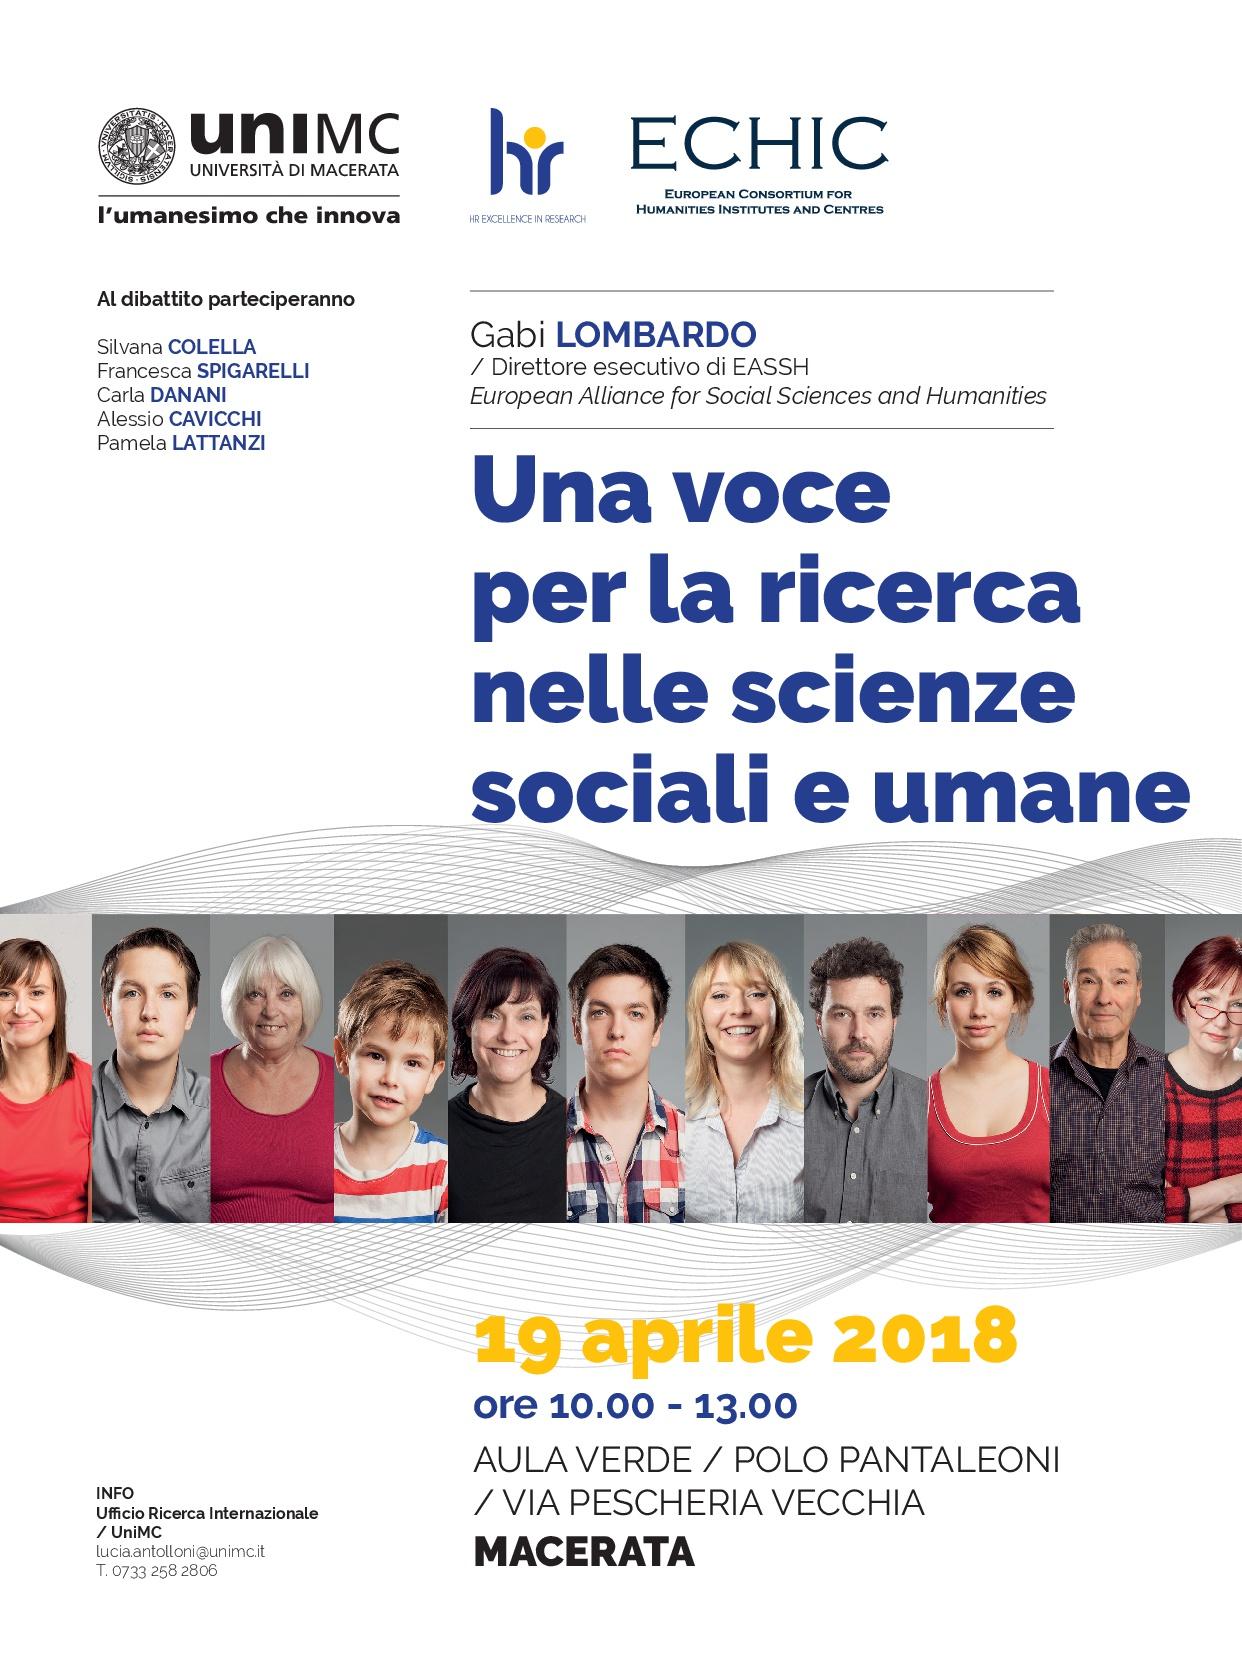 Una voce per la ricerca nelle scienze sociali e umane